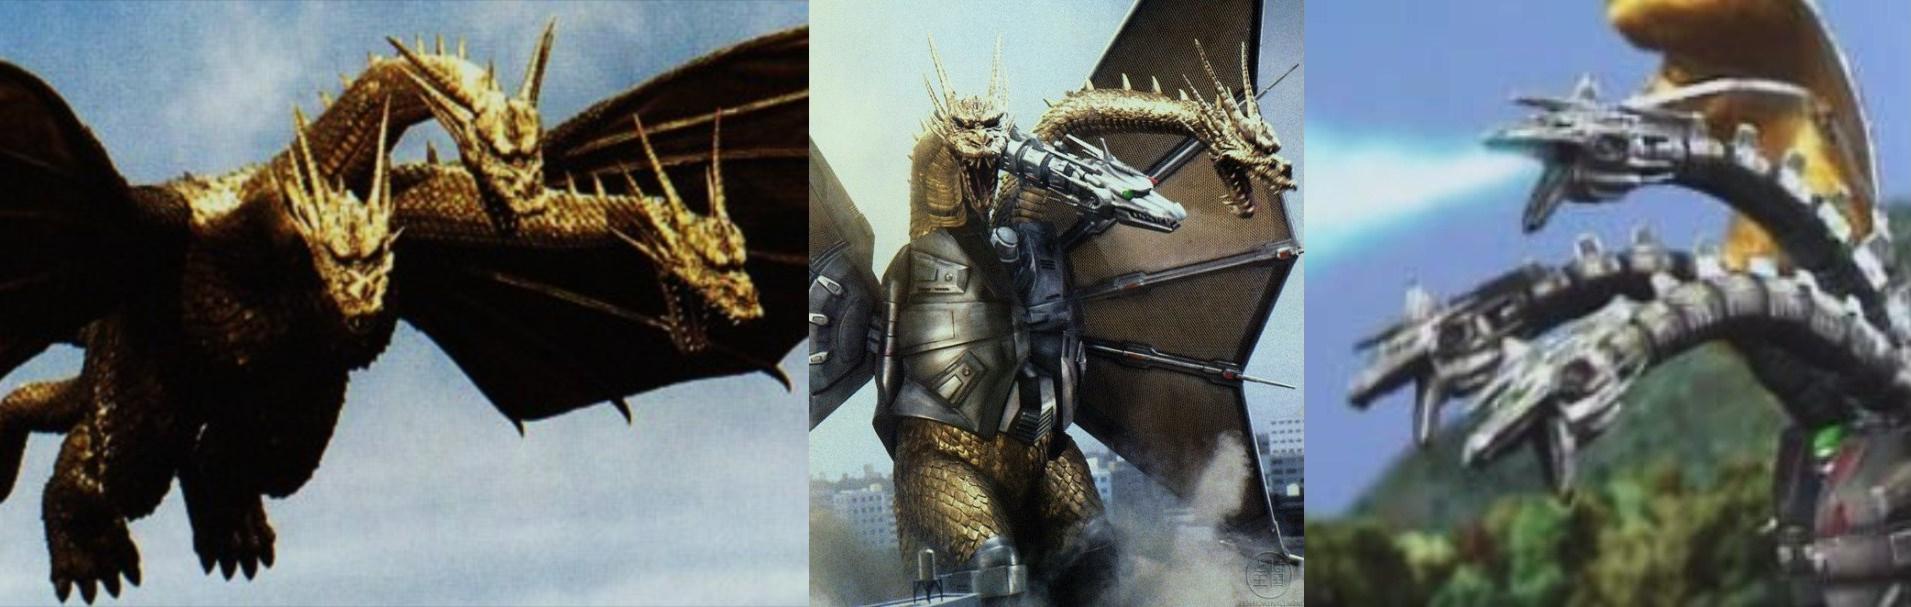 Godzilla Vs Mecha King Ghidorah FileKing Ghidorah-Hyper